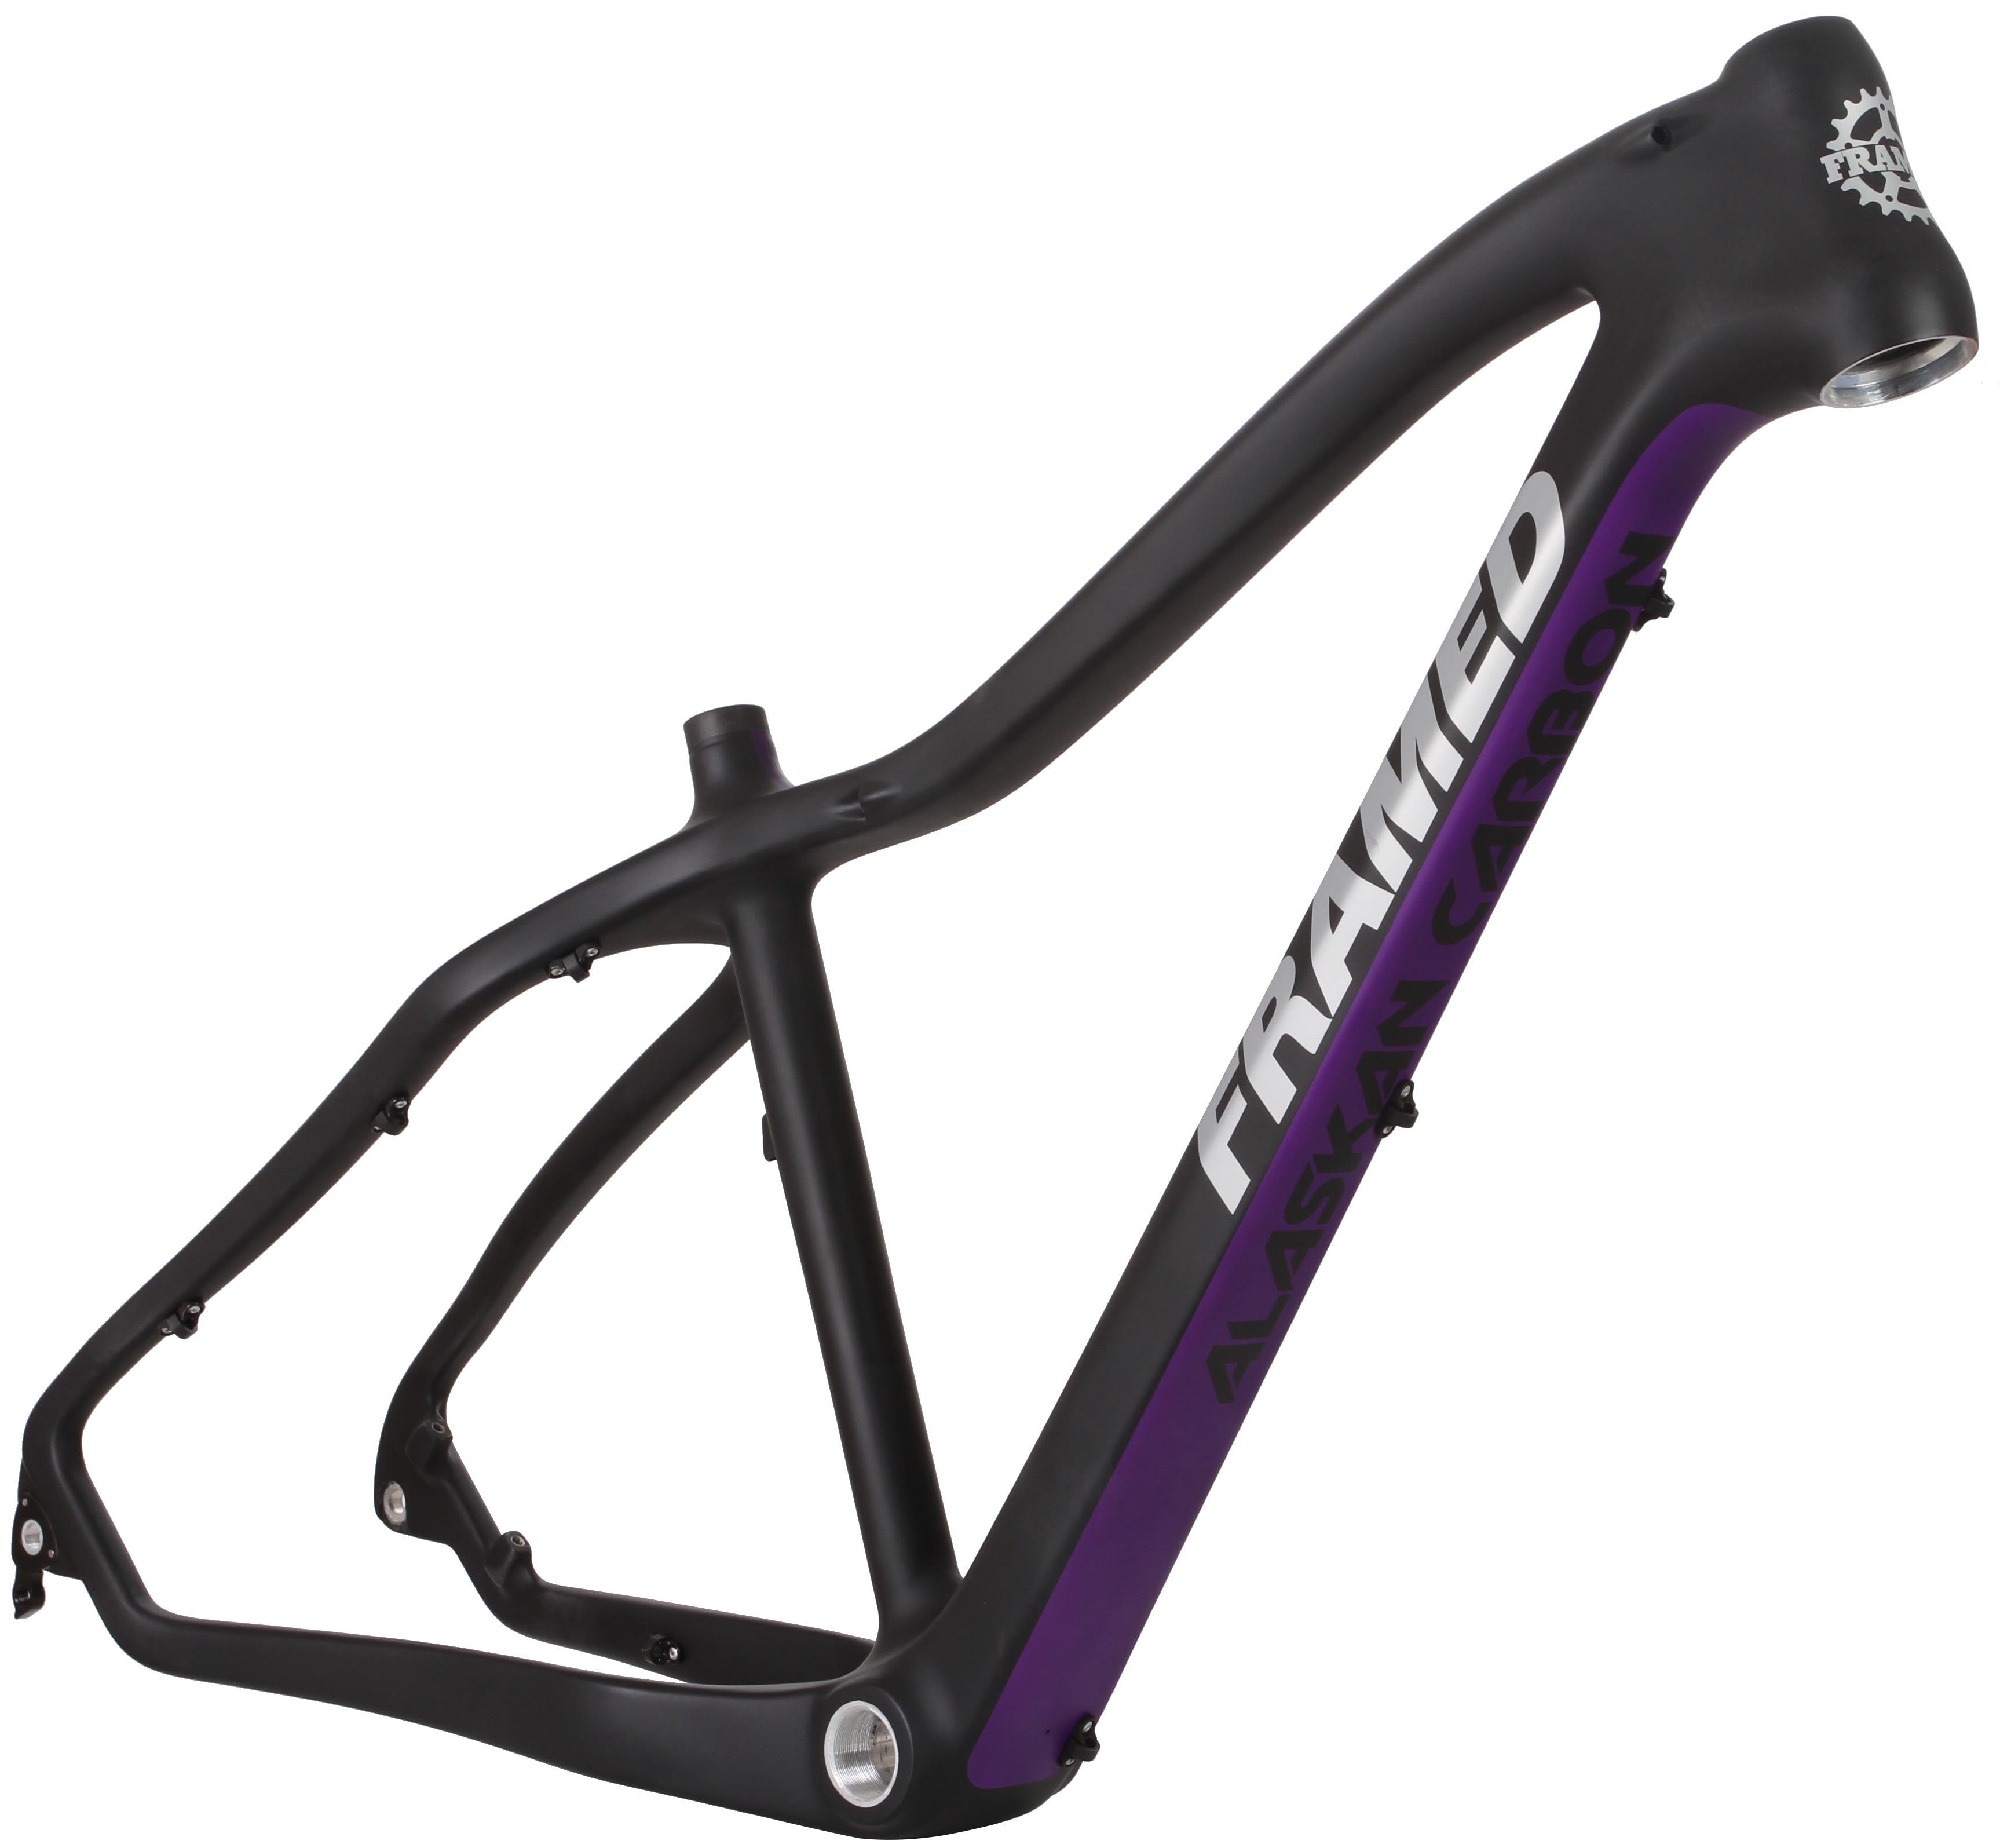 on sale framed alaskan carbon w carbon fork fat bike up to 45 off framed carbon carbon build